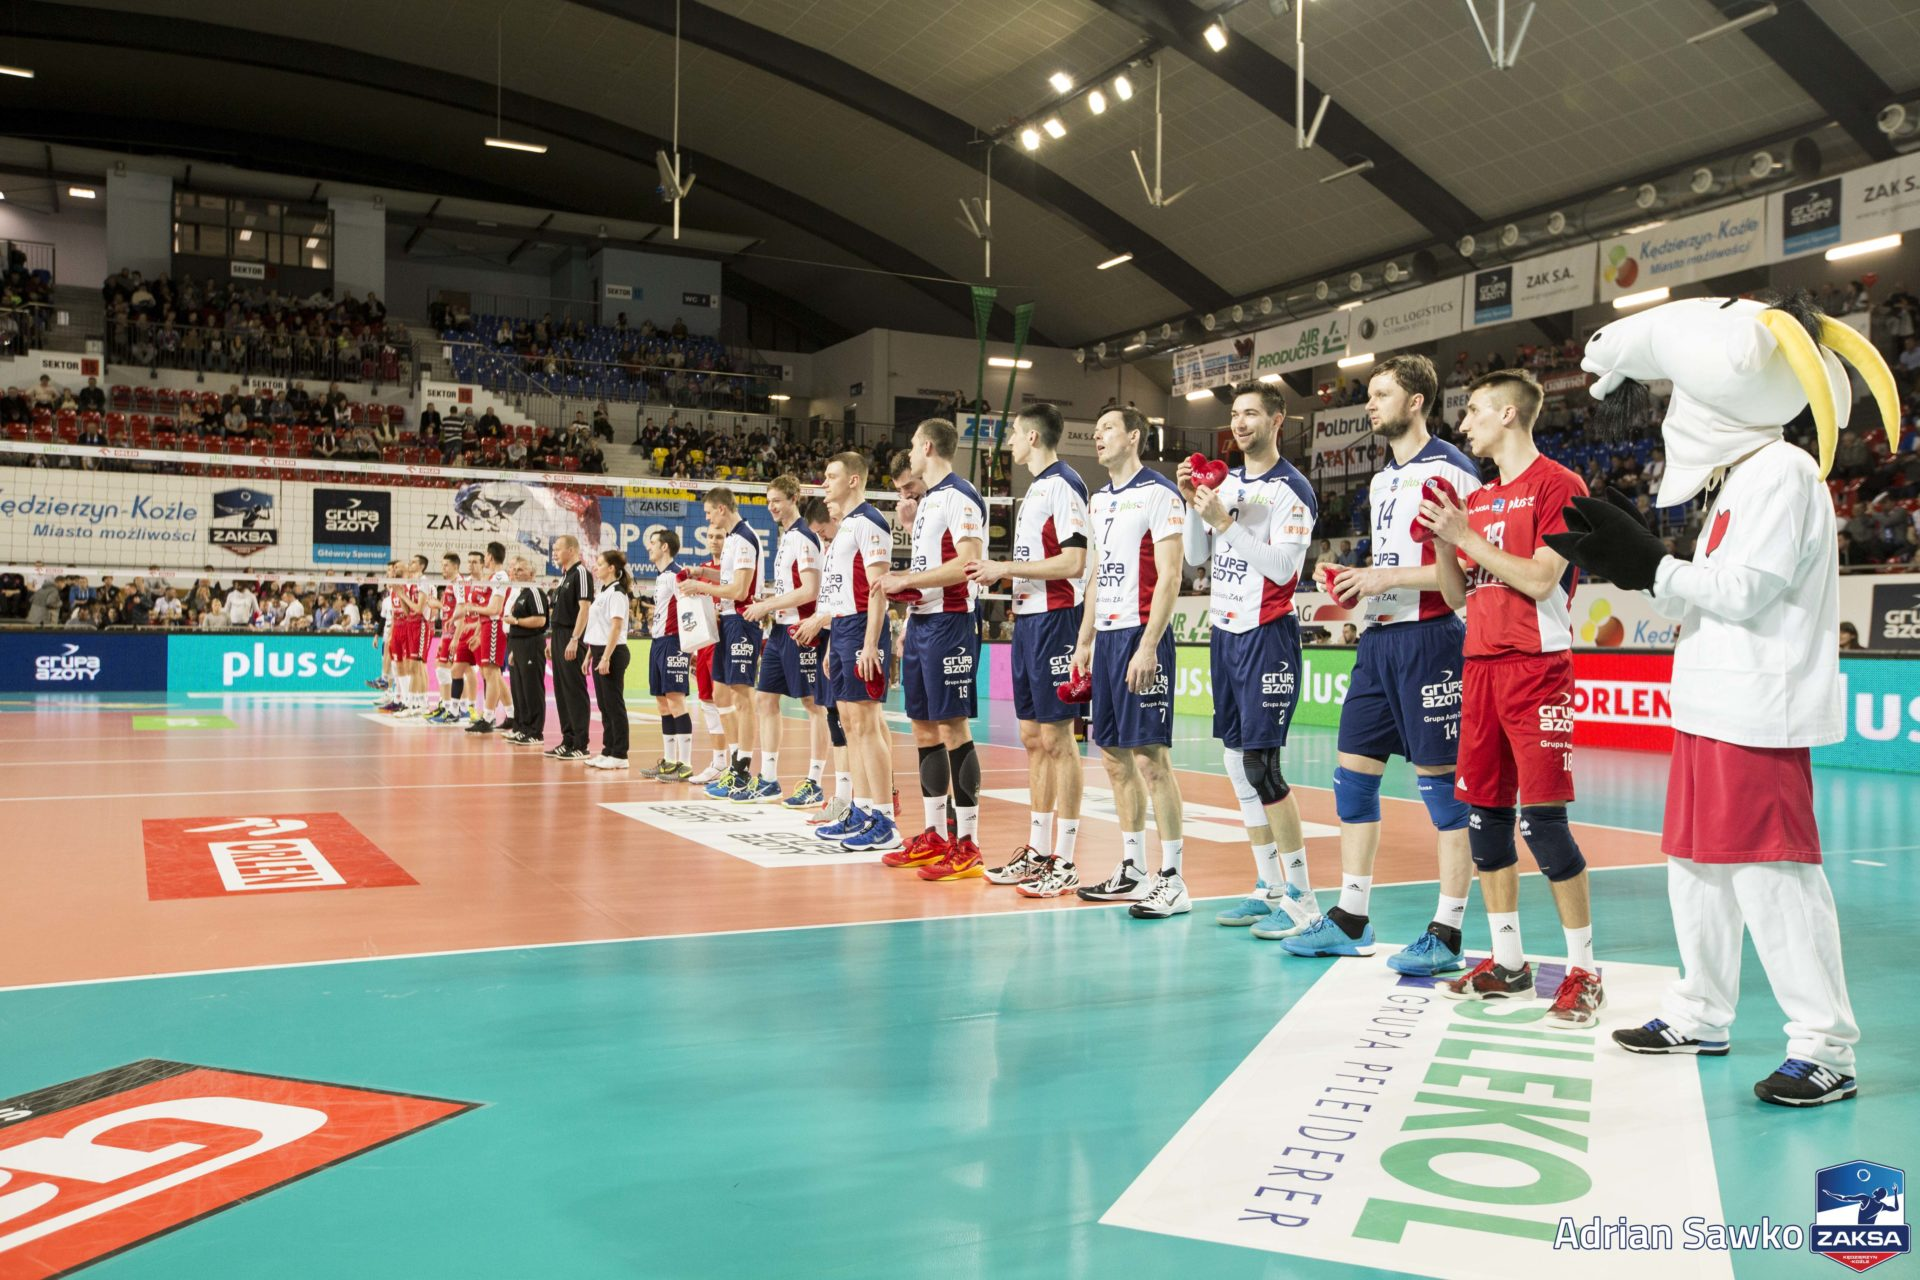 Komplet publiczności obejrzy mecz z Asseco Resovią Rzeszów!